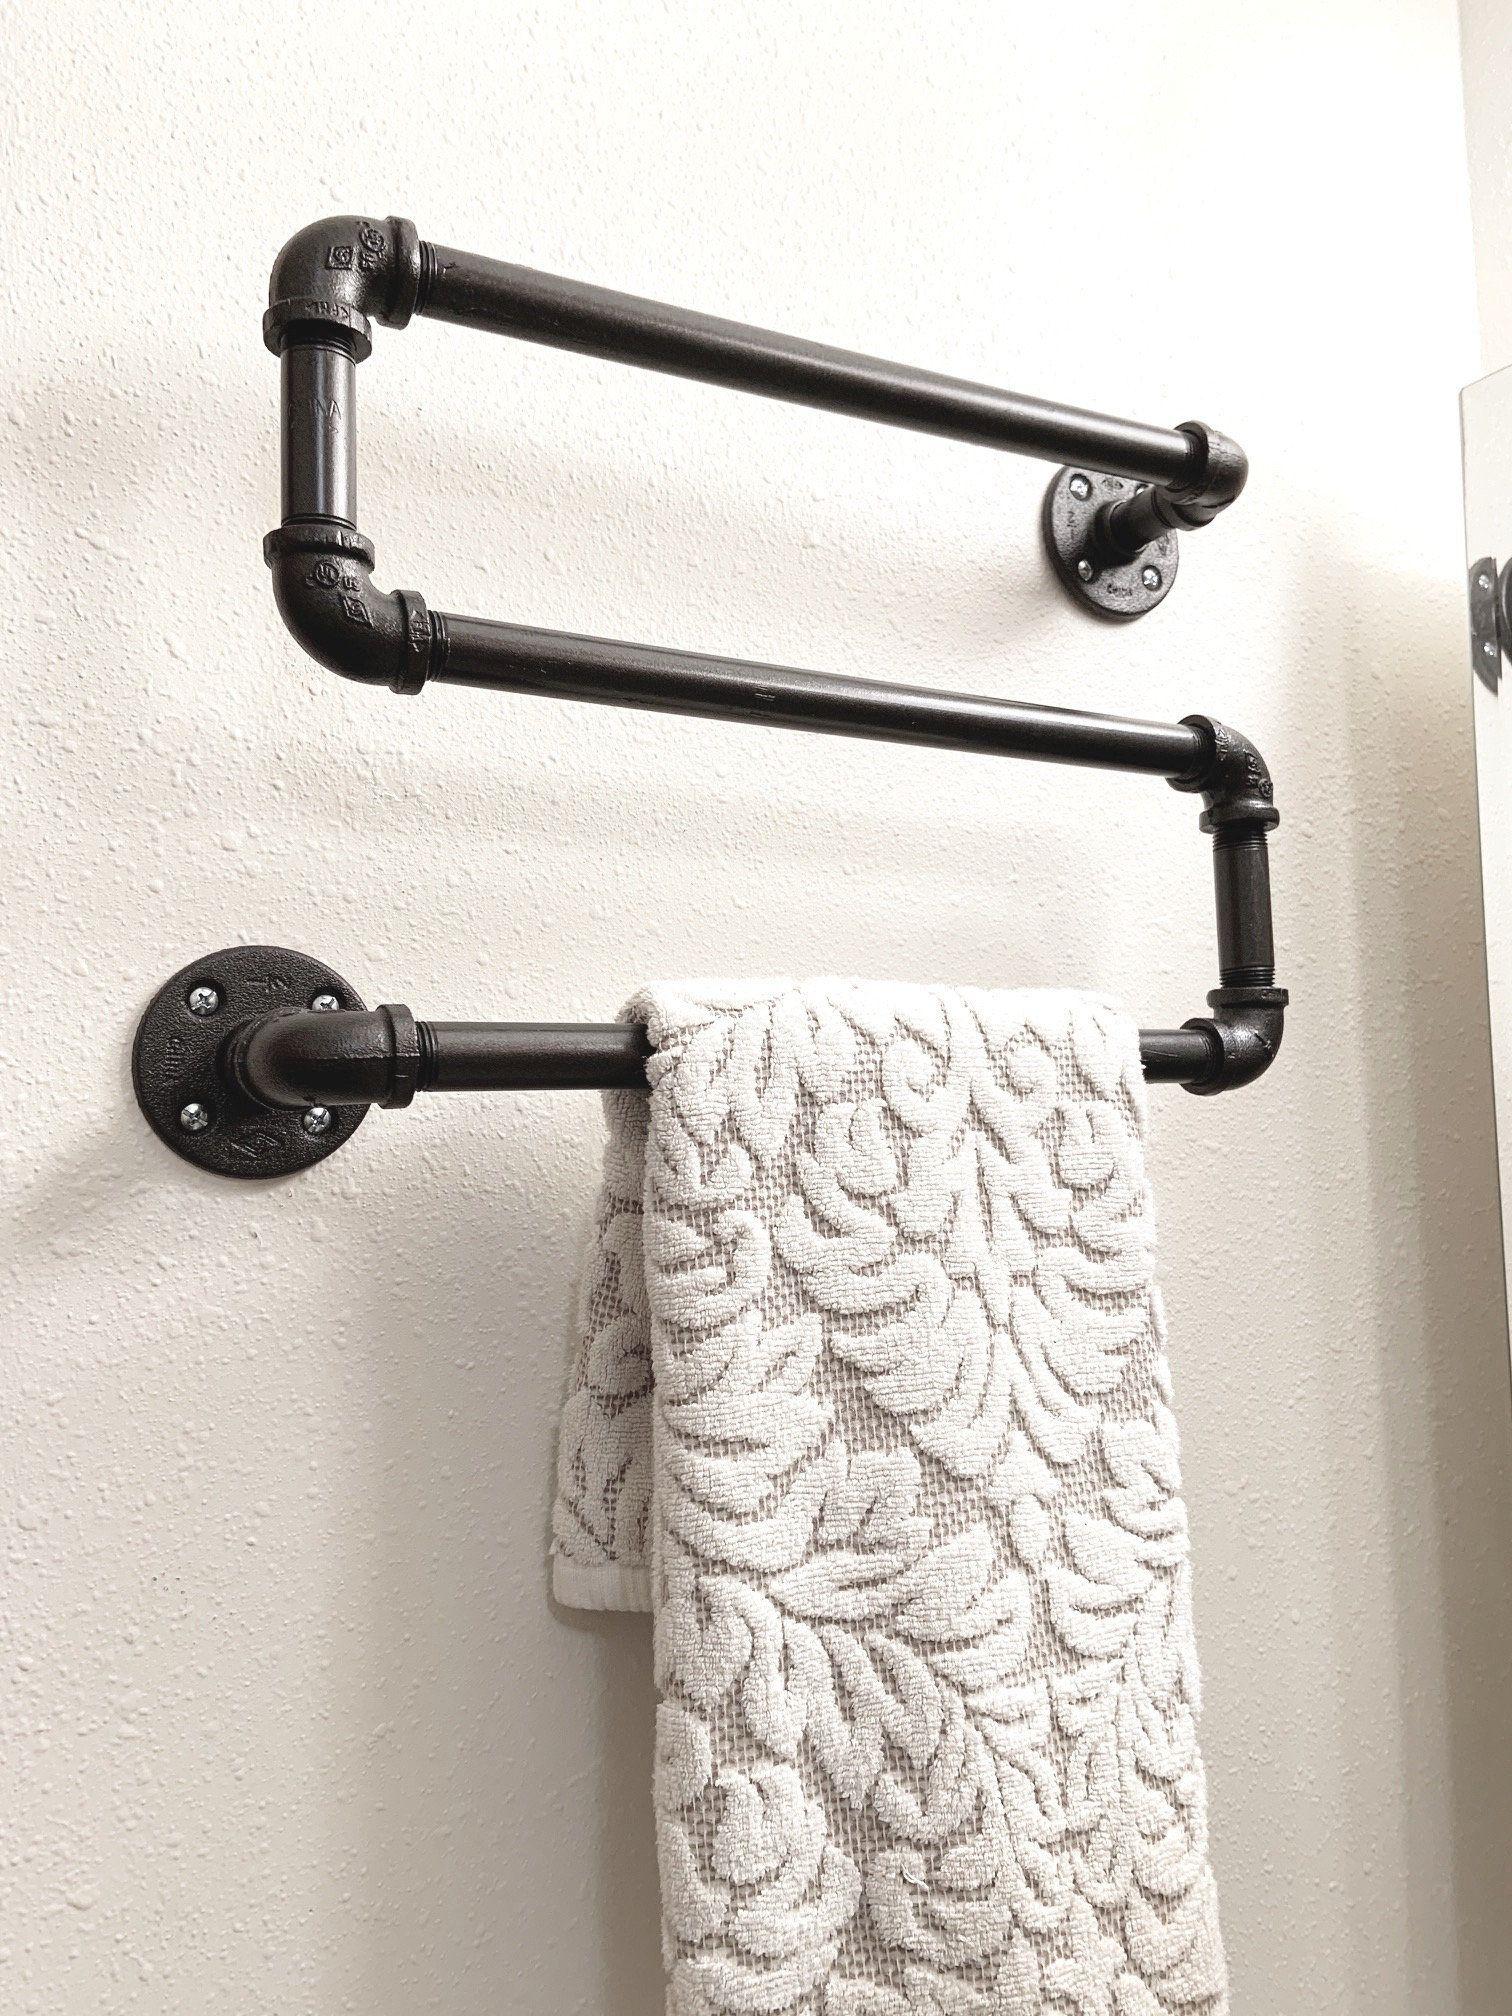 Rustic Farnhouse bathroom hook Industrial coat rack or towel rack bathroom decor plumbing pipe repurposed industrial decor